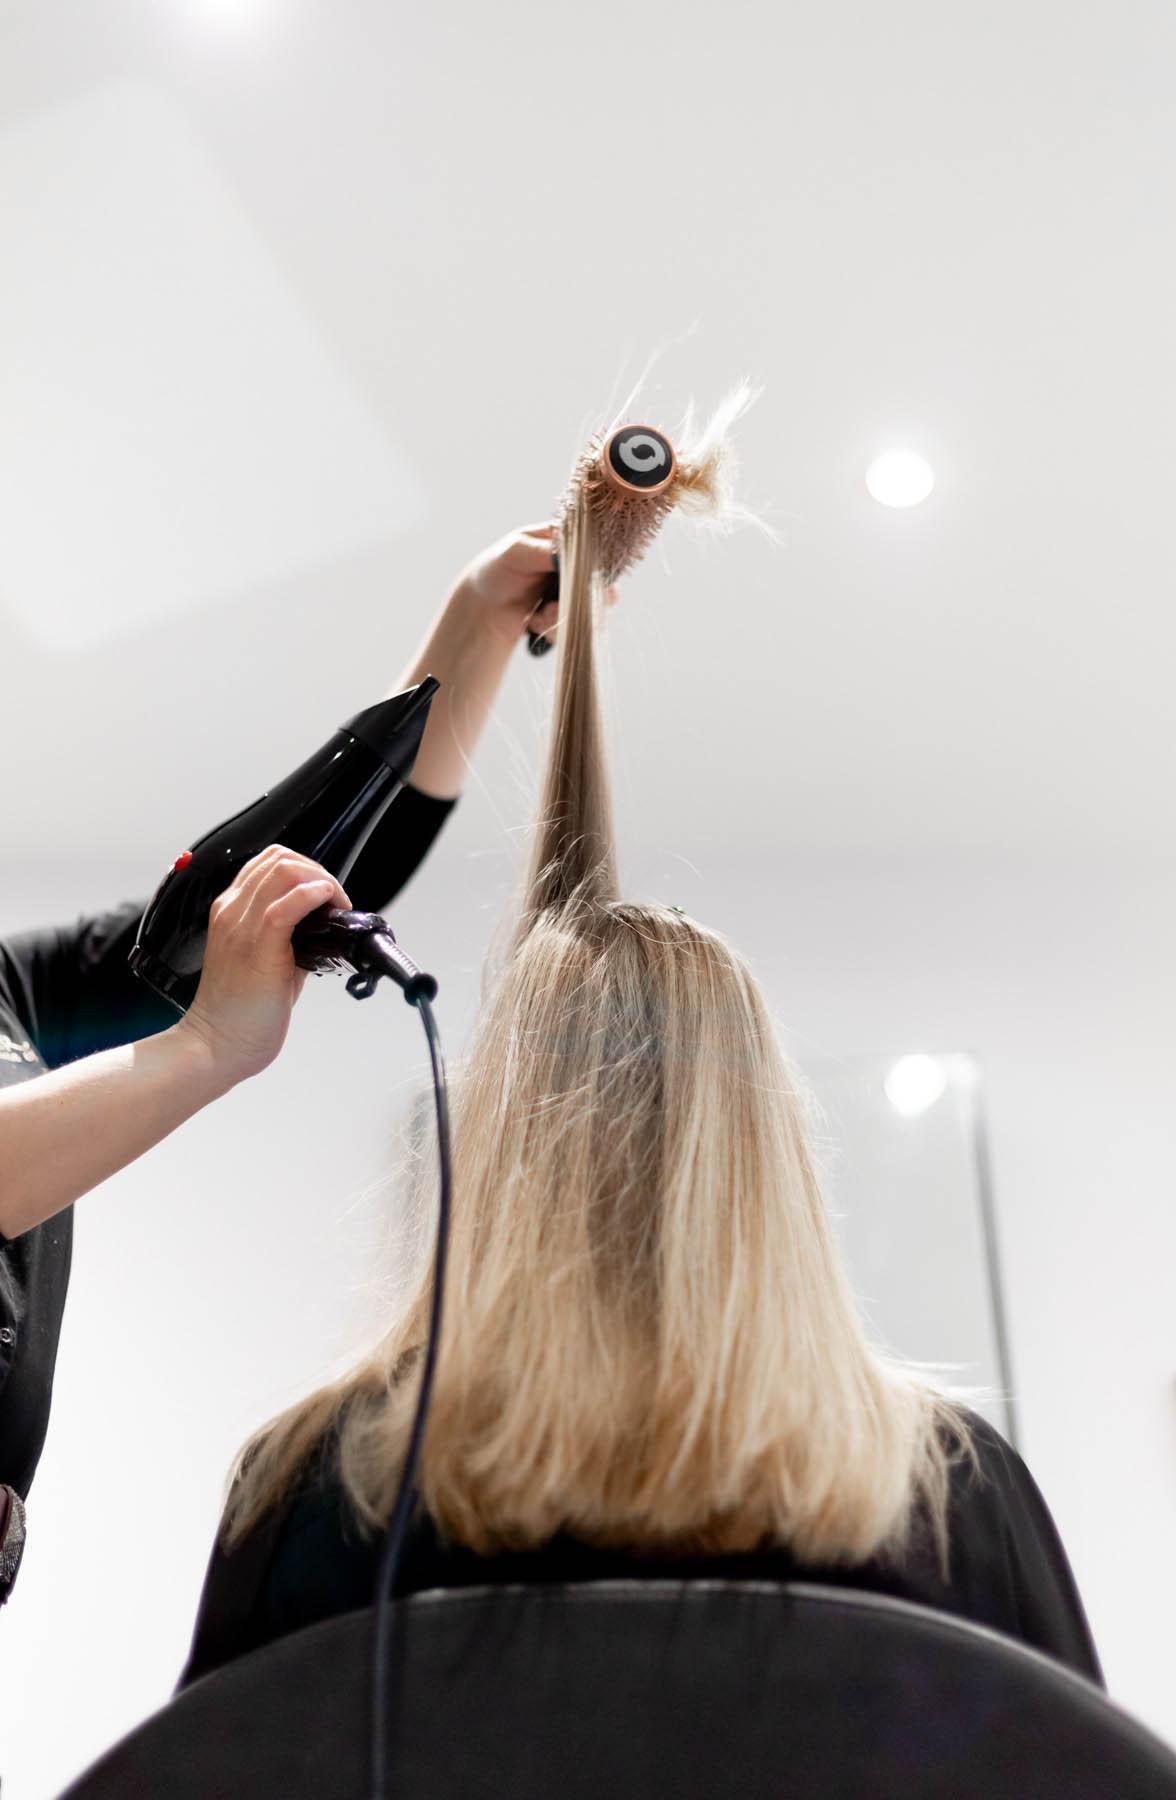 photo d'un brushing au salon inter coiff au pays basque par Carole embid